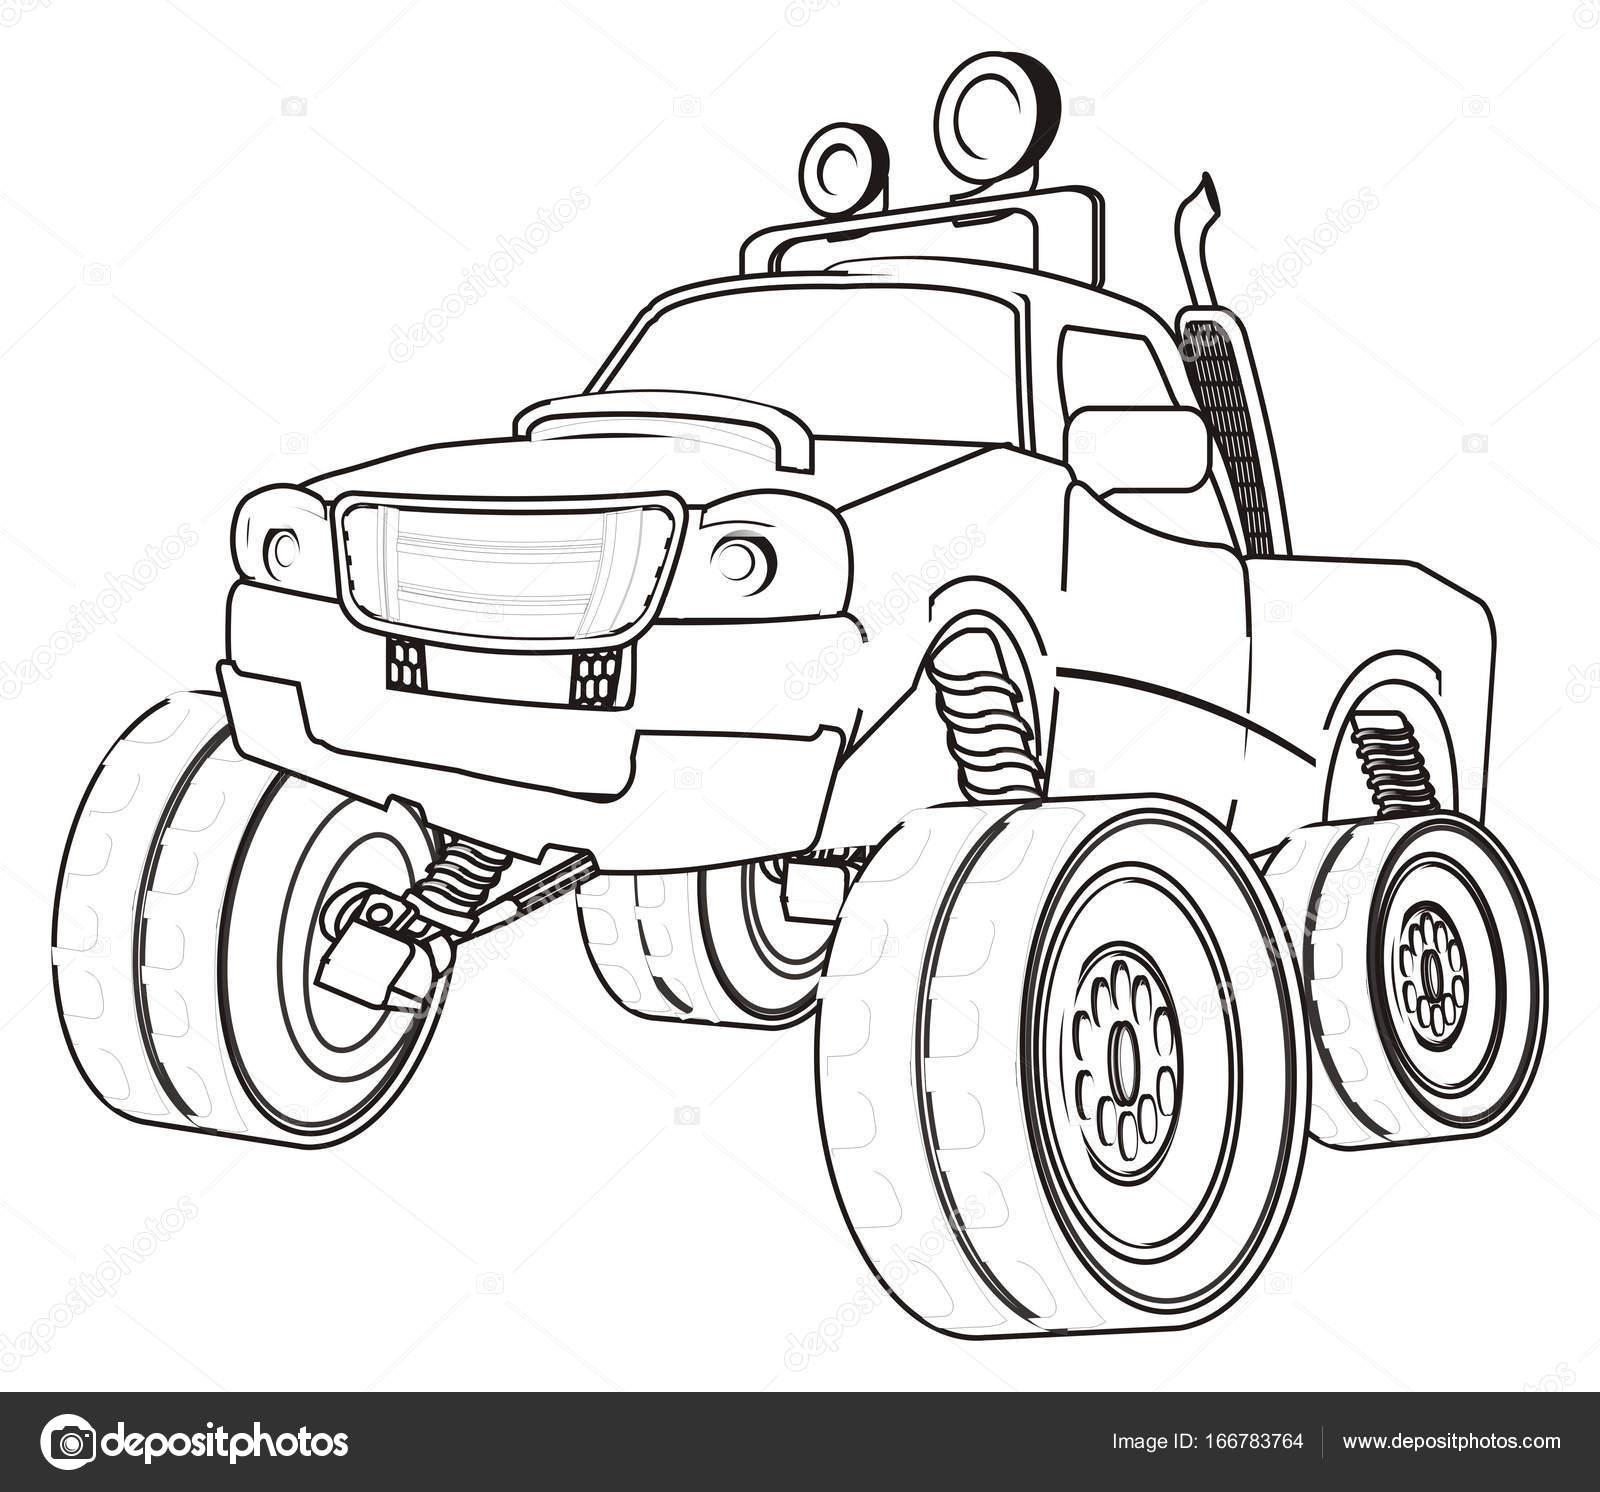 Grote Kleurplaten Auto.Bigfoot Auto Kleurplaten Stockfoto C Tatty77tatty 166783764